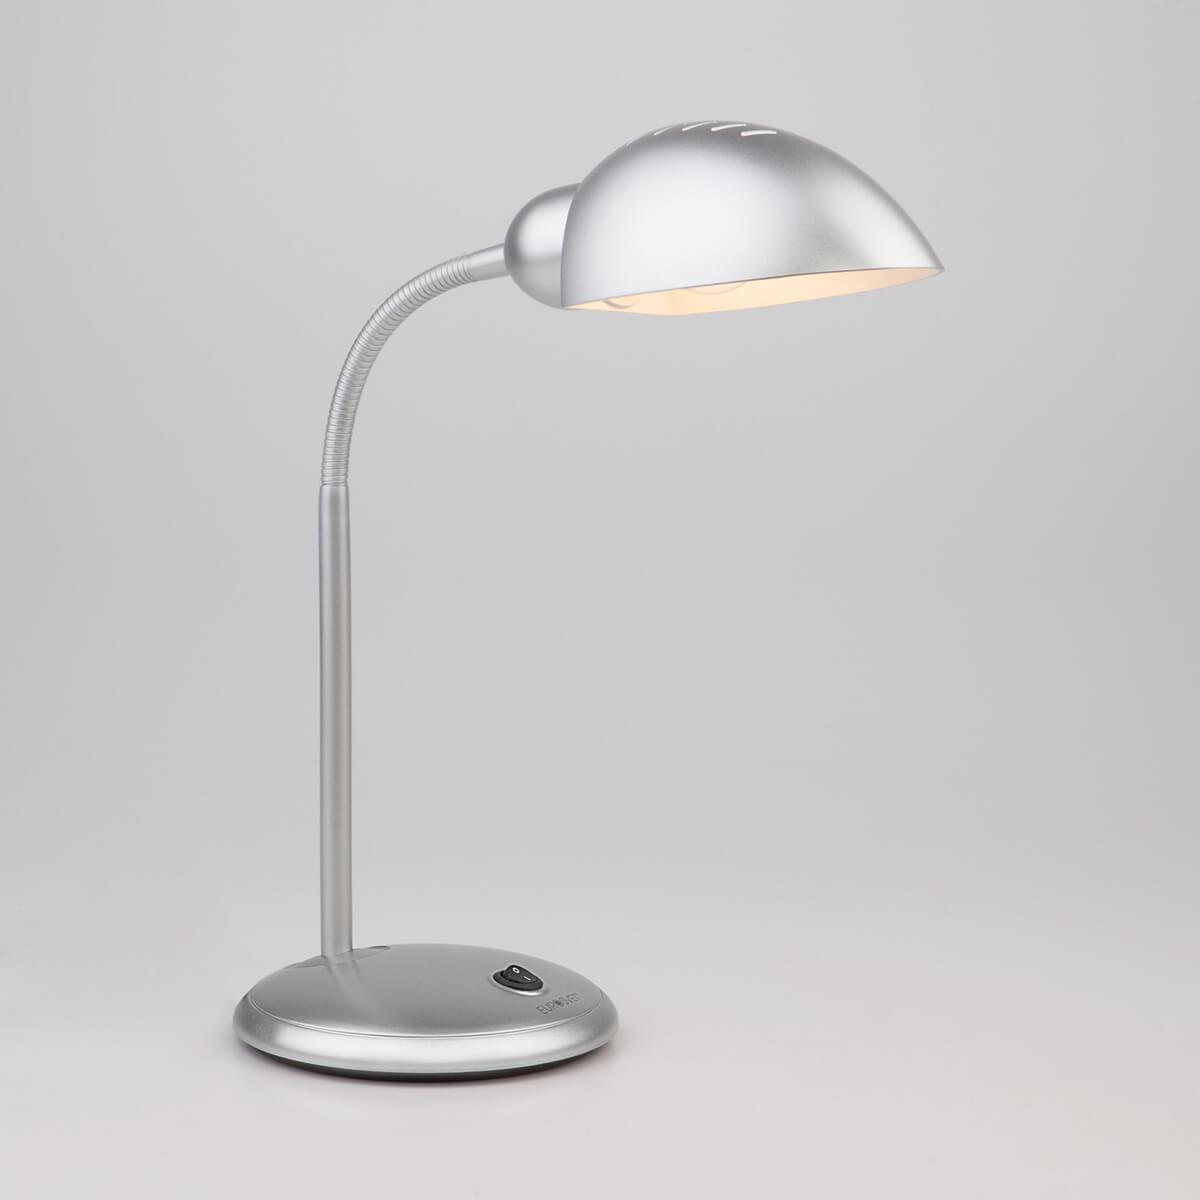 Настольная лампа Eurosvet 1926 серебристый 1926 настольная лампа eurosvet 1926 серебристый 1926